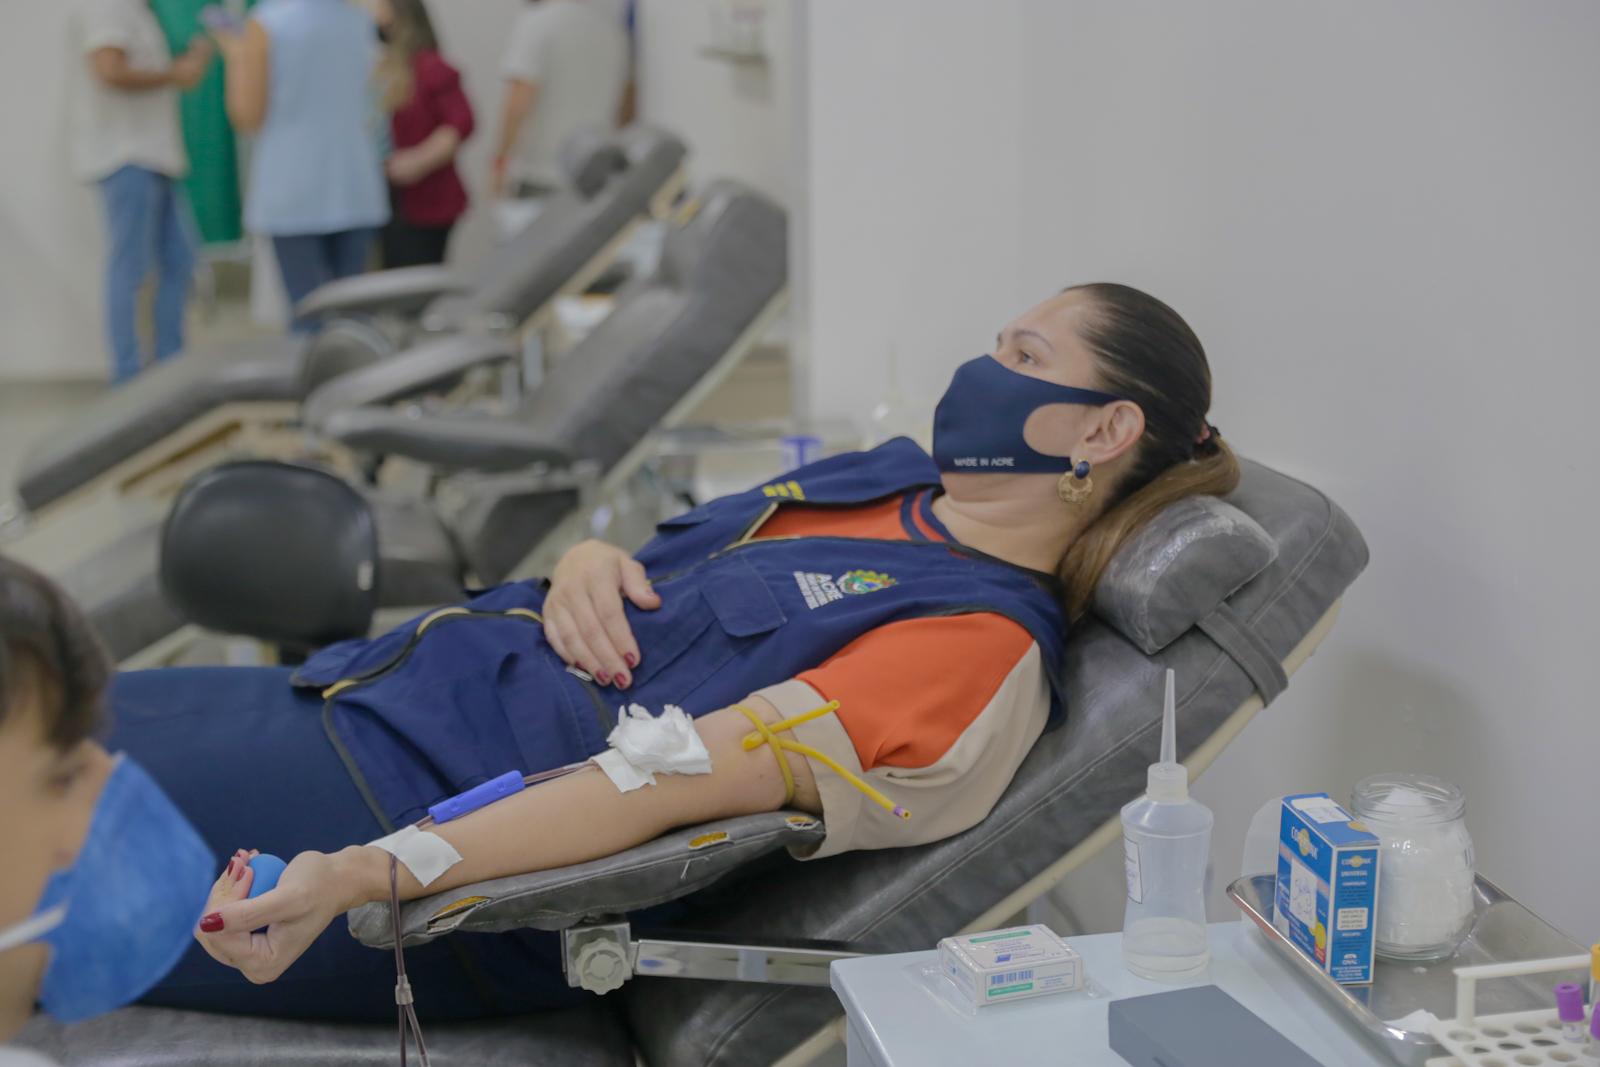 Banco de sangue do Acre necessita diariamente de novas doações